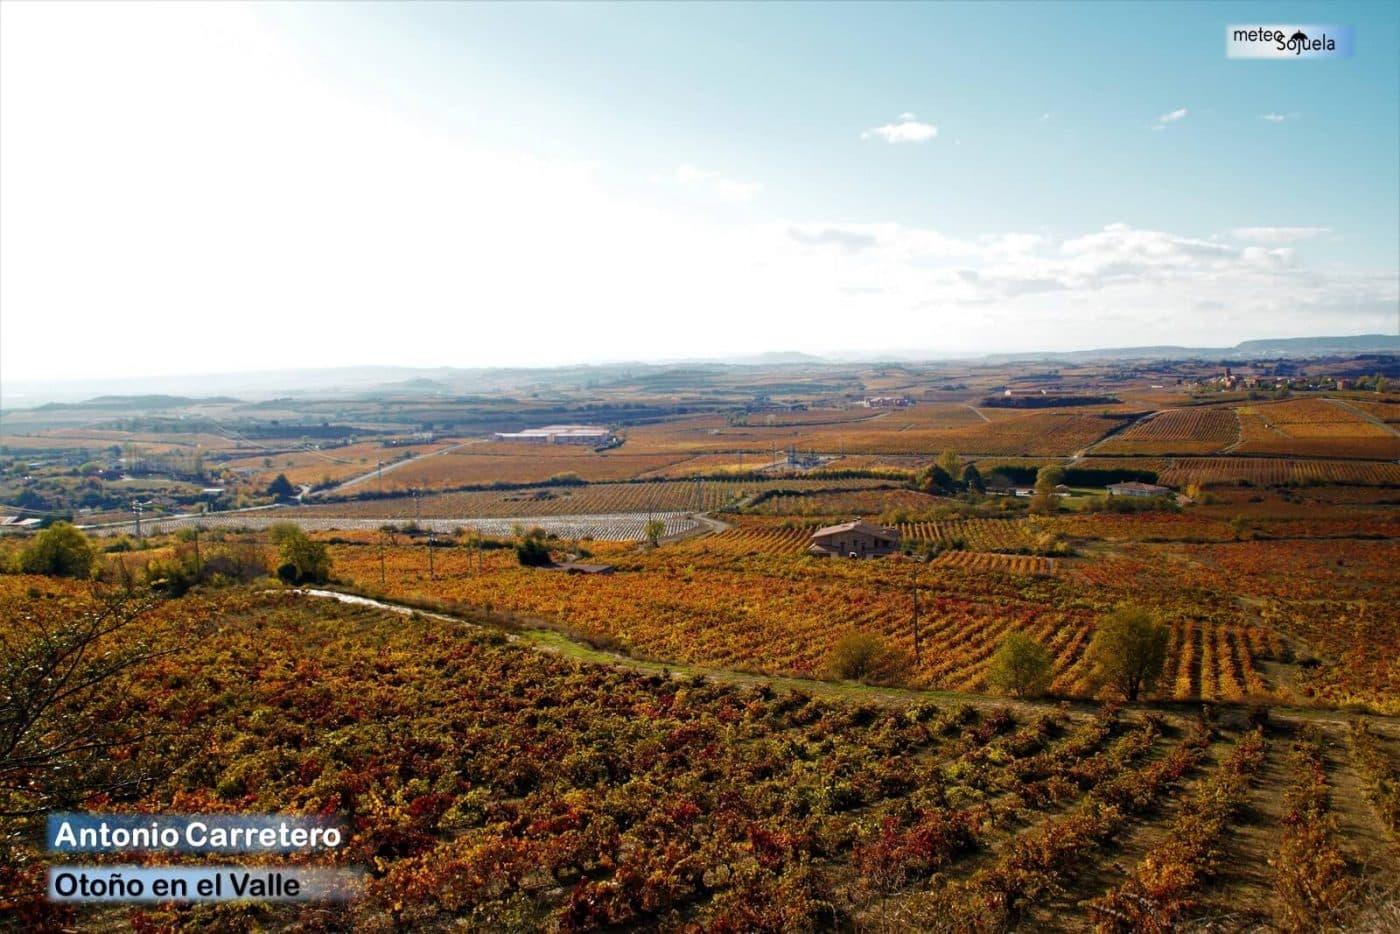 El otoño se instala en La Rioja Alta con temperaturas altas para esta época 3